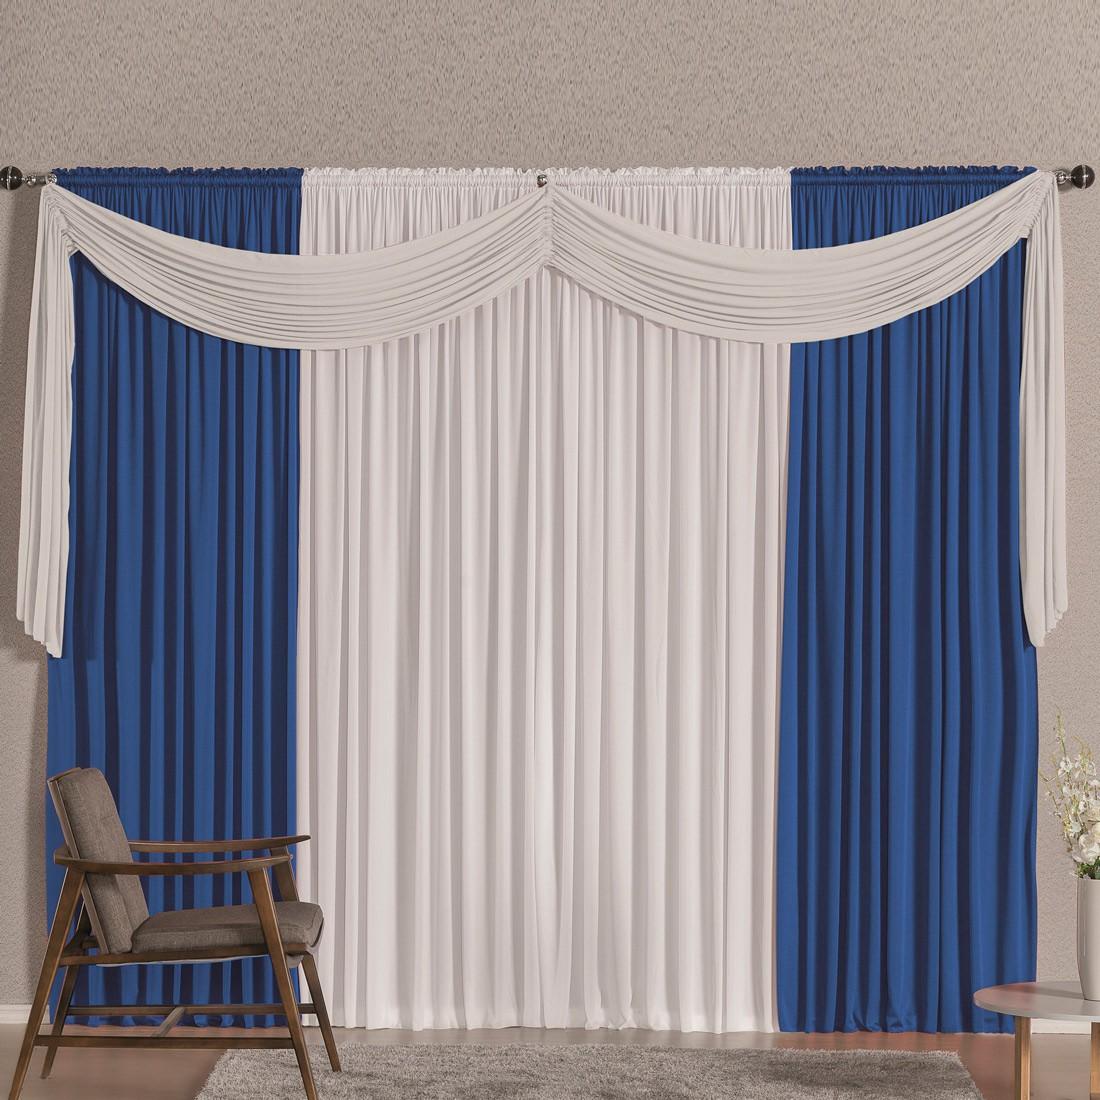 Cortina Versatty Azul/Branco 4,00m X 2,60m p/ Varão Simples